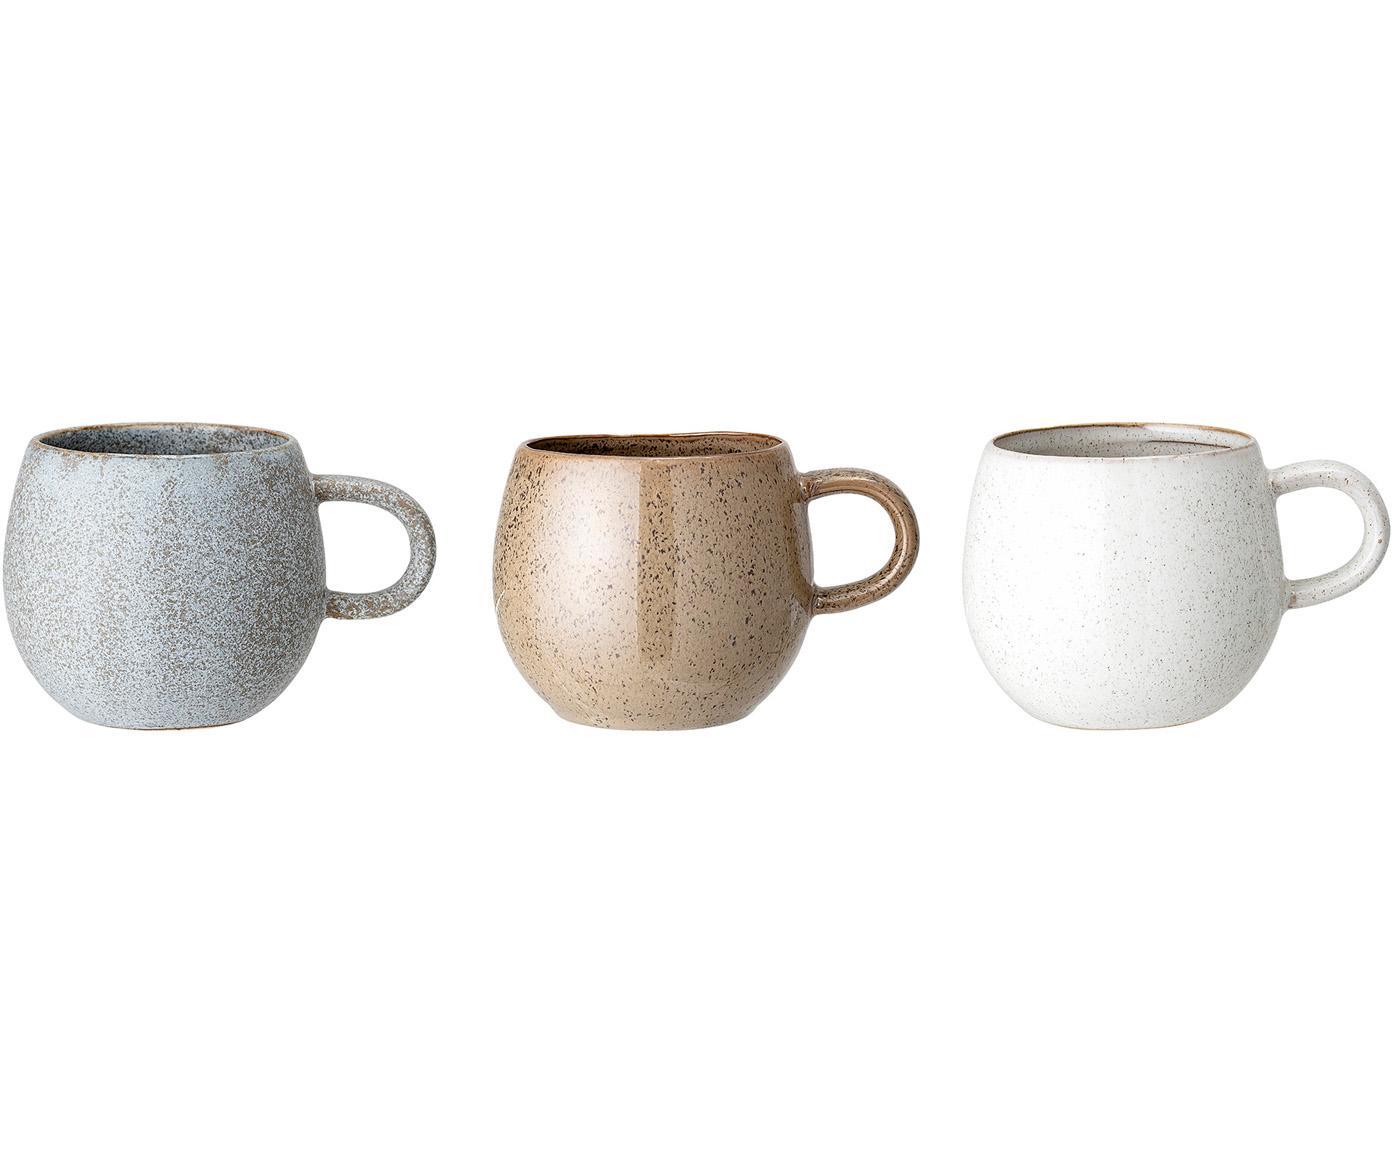 Set de tazas de té artesanales Addison, 3uds., Gres, Gris, beige, blanco, Ø 11 x Al 10 cm